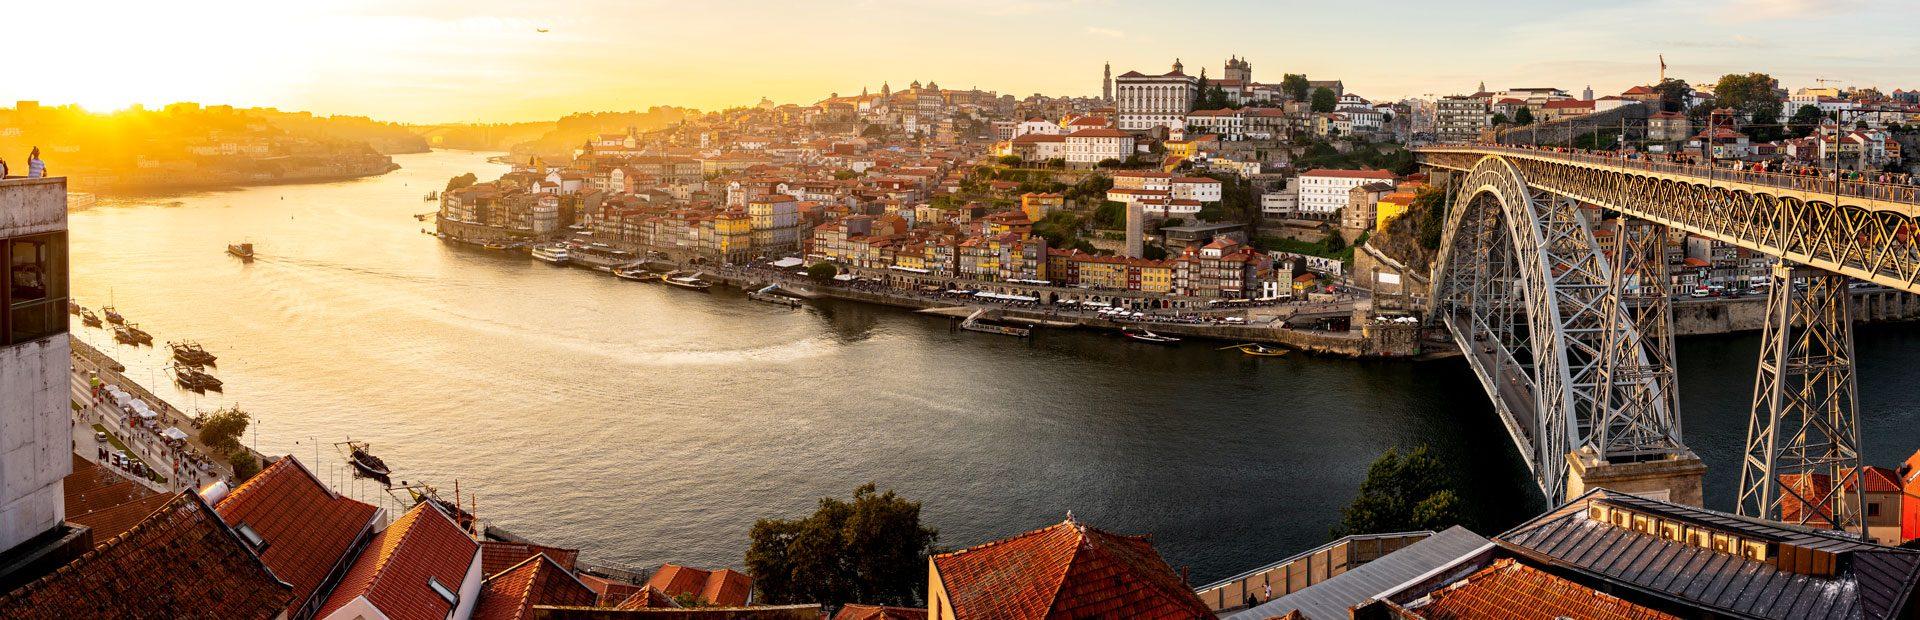 Portugal Urlaub im Norden und Süden planen